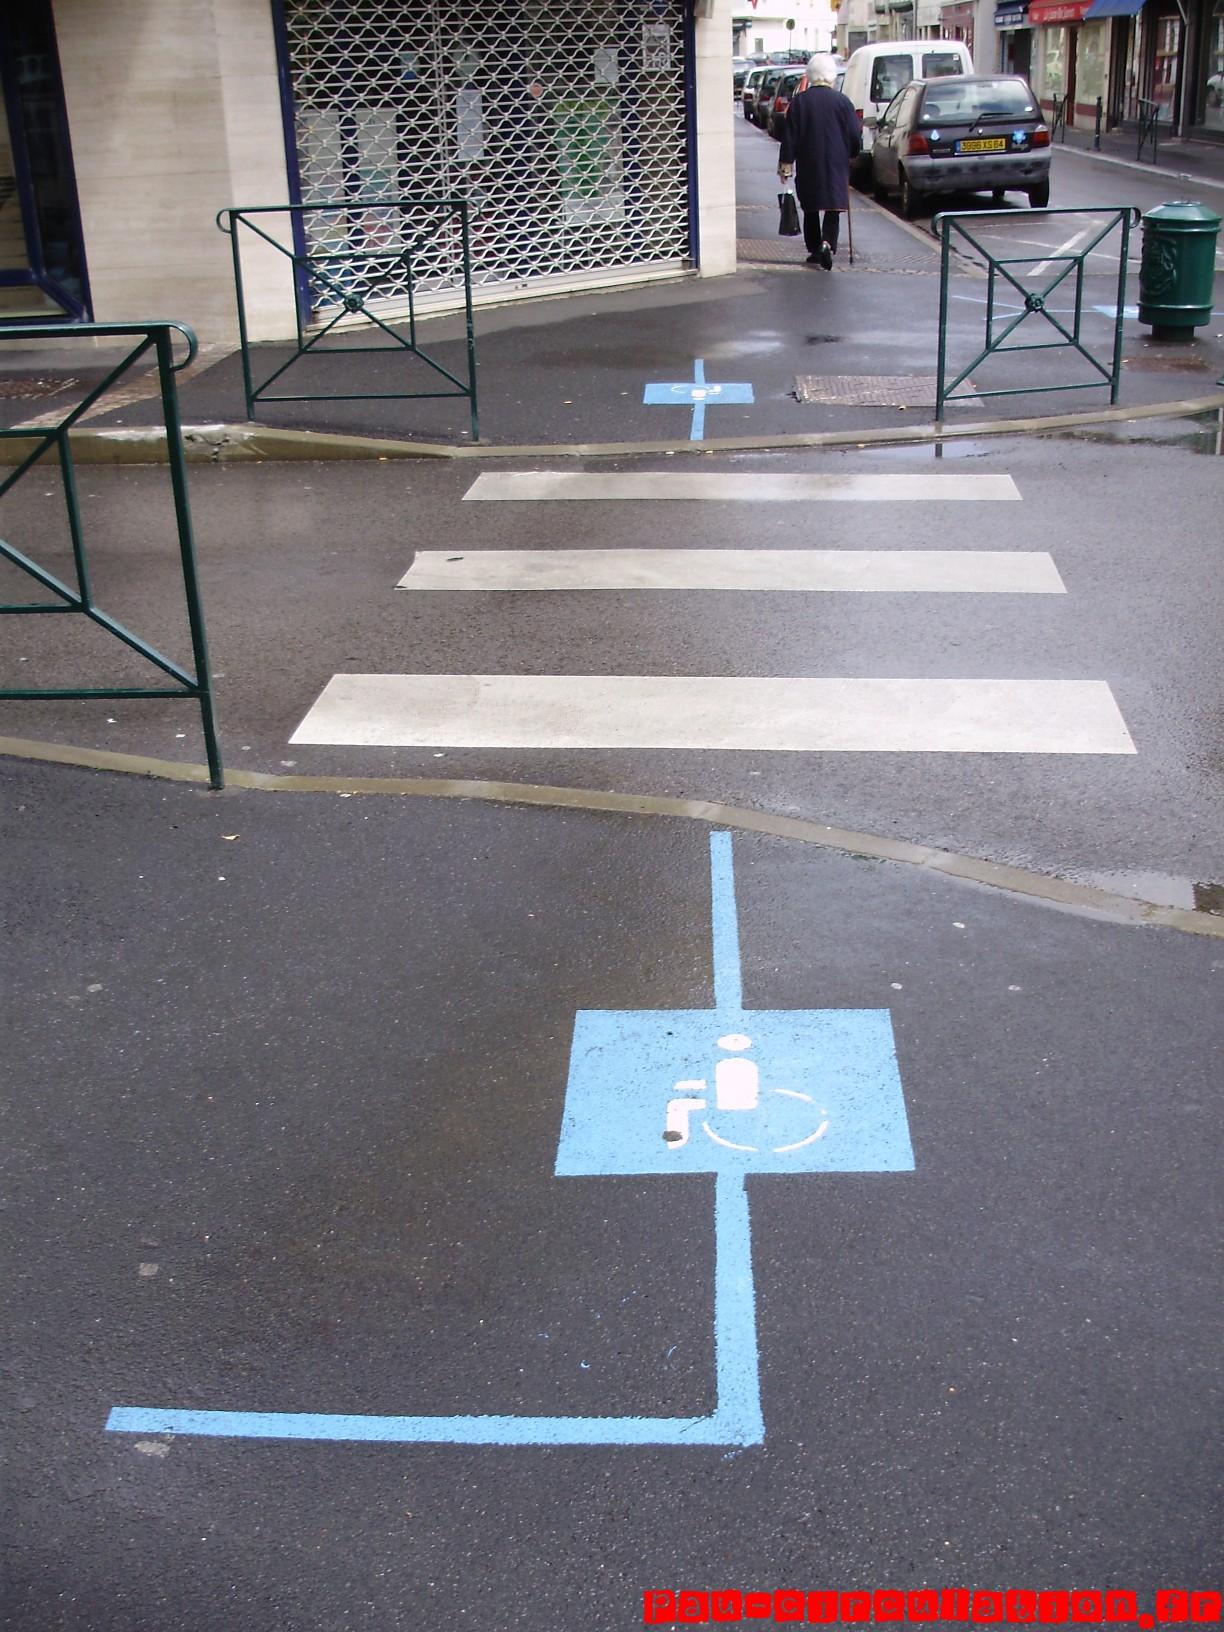 [Biarritz] Une fausse bonne idée d'Accessibilité